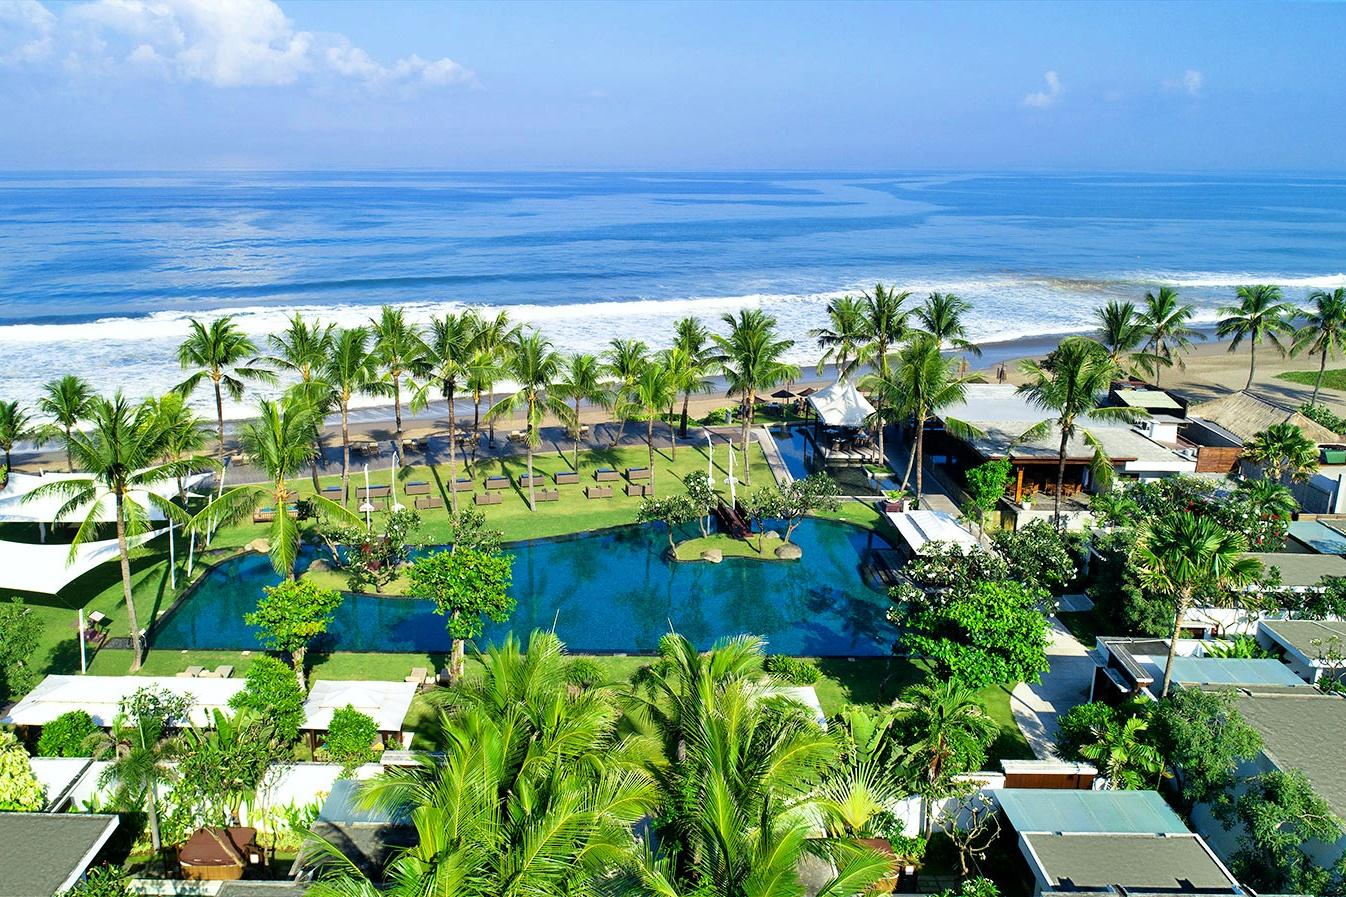 the-samaya-seminyak-arieal-view-of-main-swimming-pool-and-the-beac-1538489040